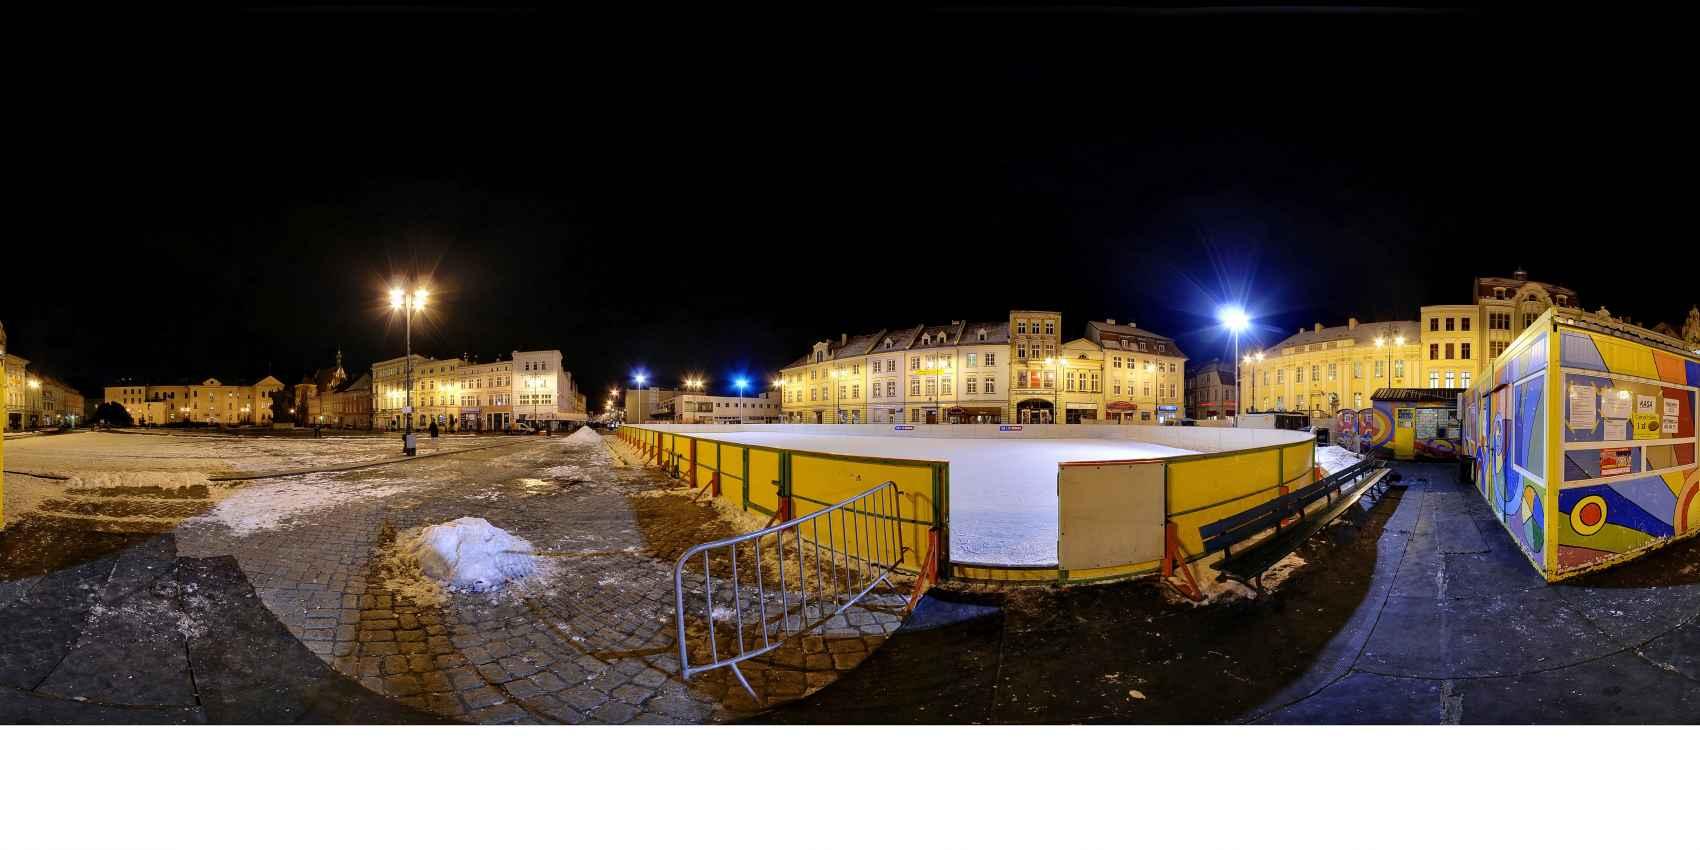 Prezentacja panoramiczna dla obiektu Bydgoszcz zimą - NOC